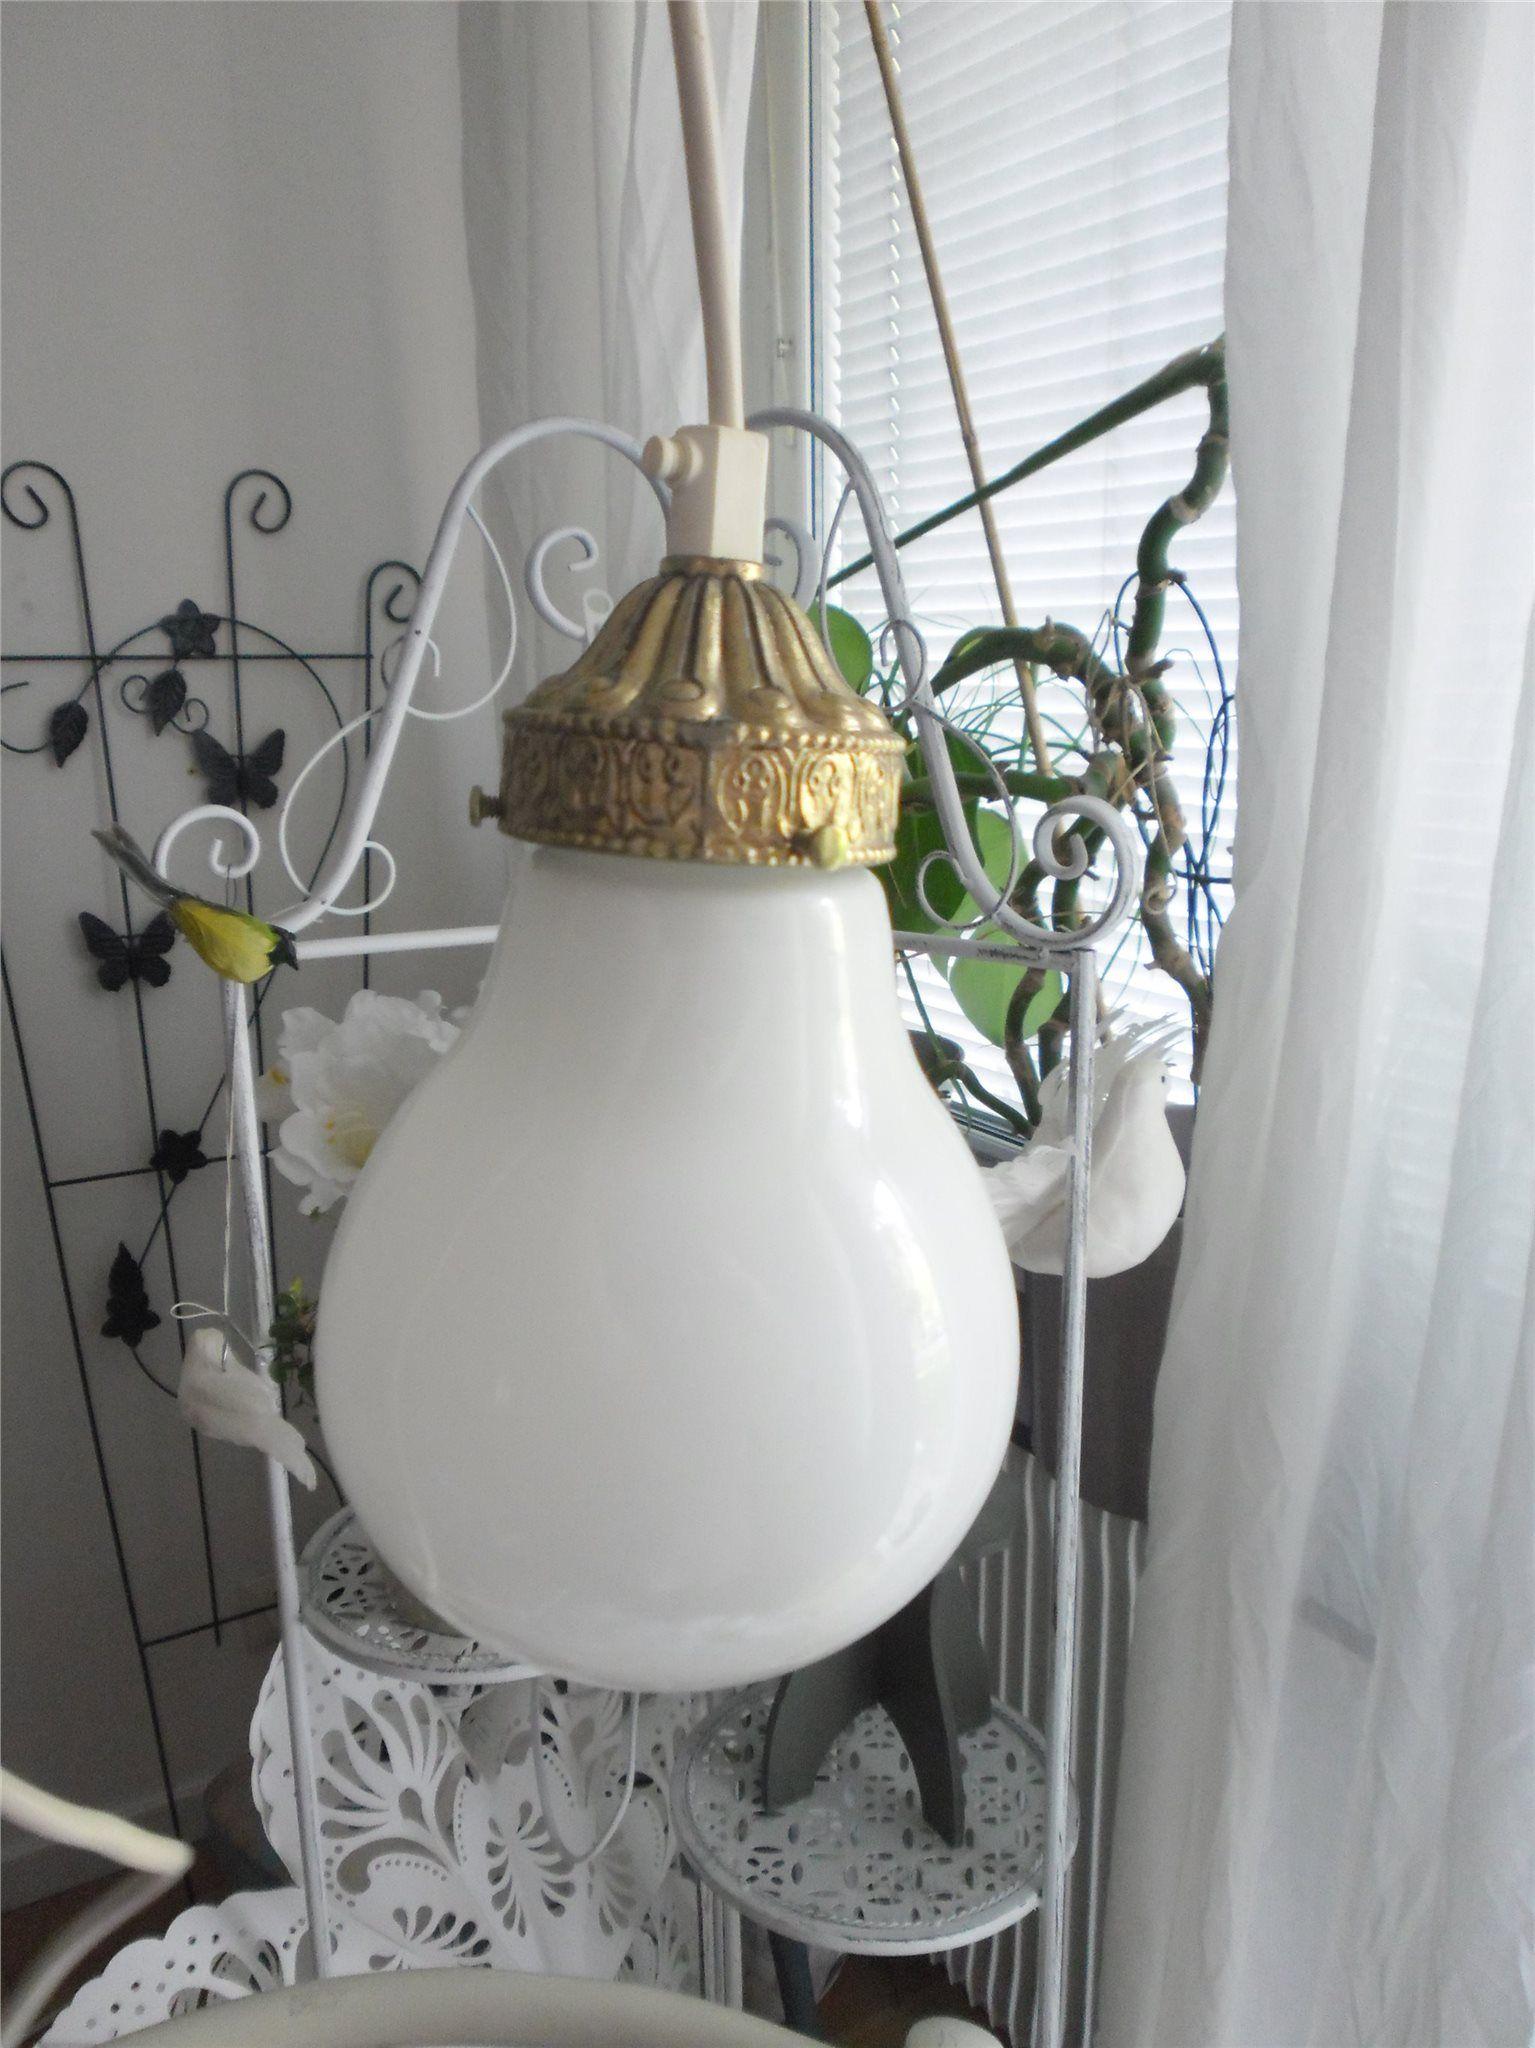 Annons på Tradera: Lampa fönsterlampa halllampa taklampa vit